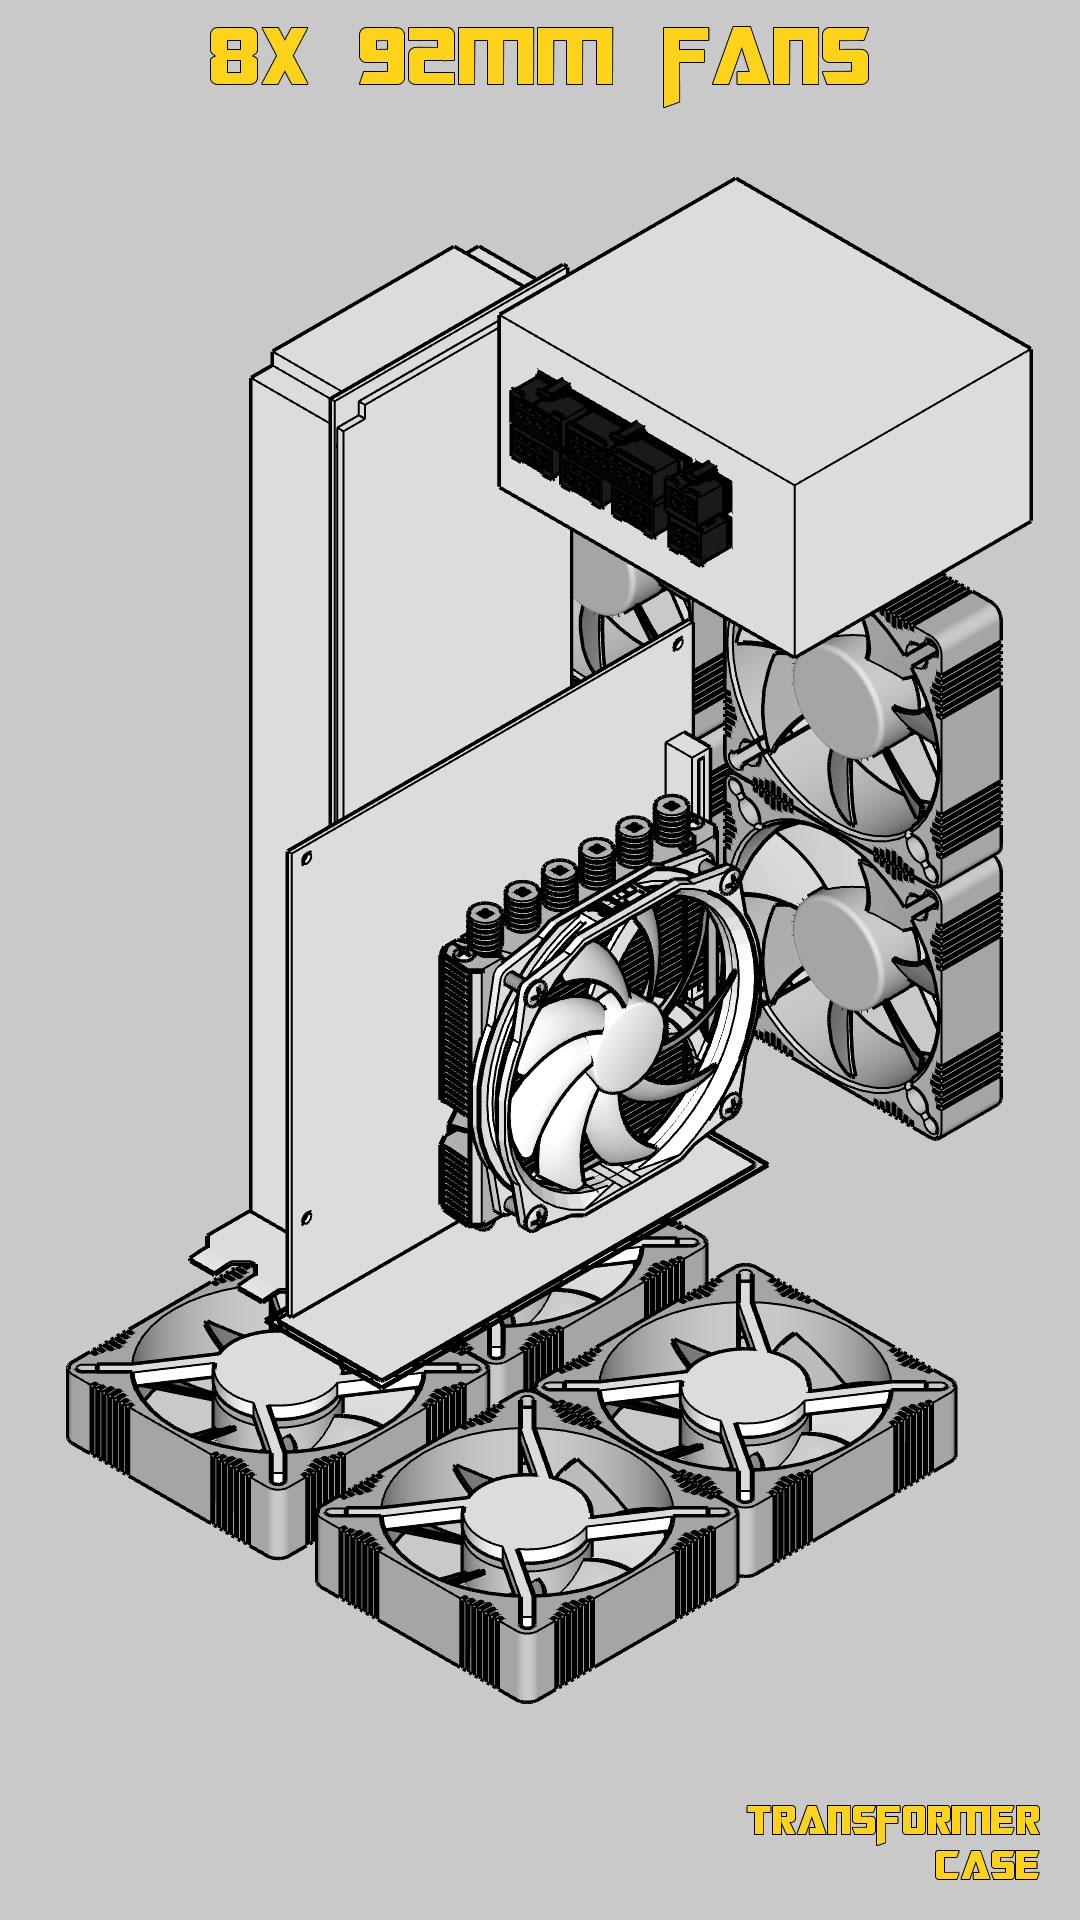 92mm-fan-cooling-isometric.jpg